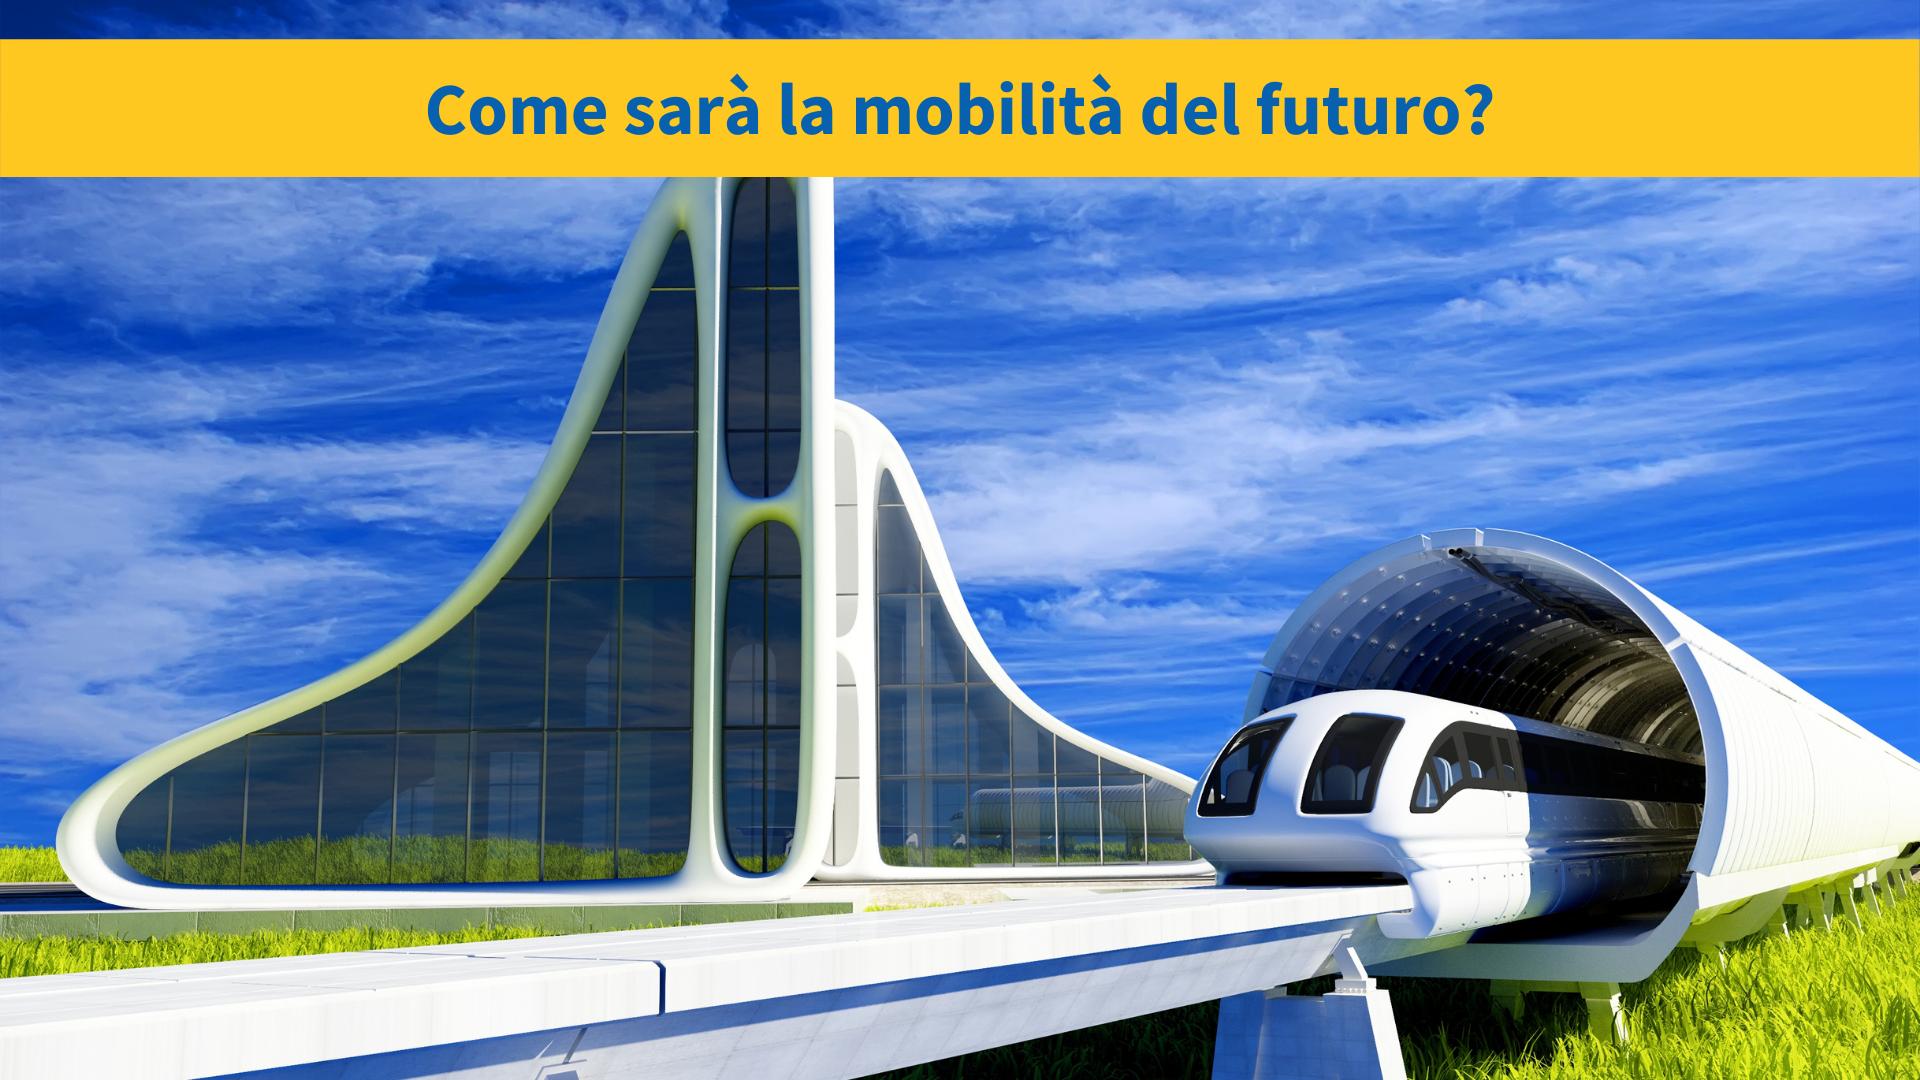 La mobilità del futuro: dall'auto che vola alla moto che non cade mai